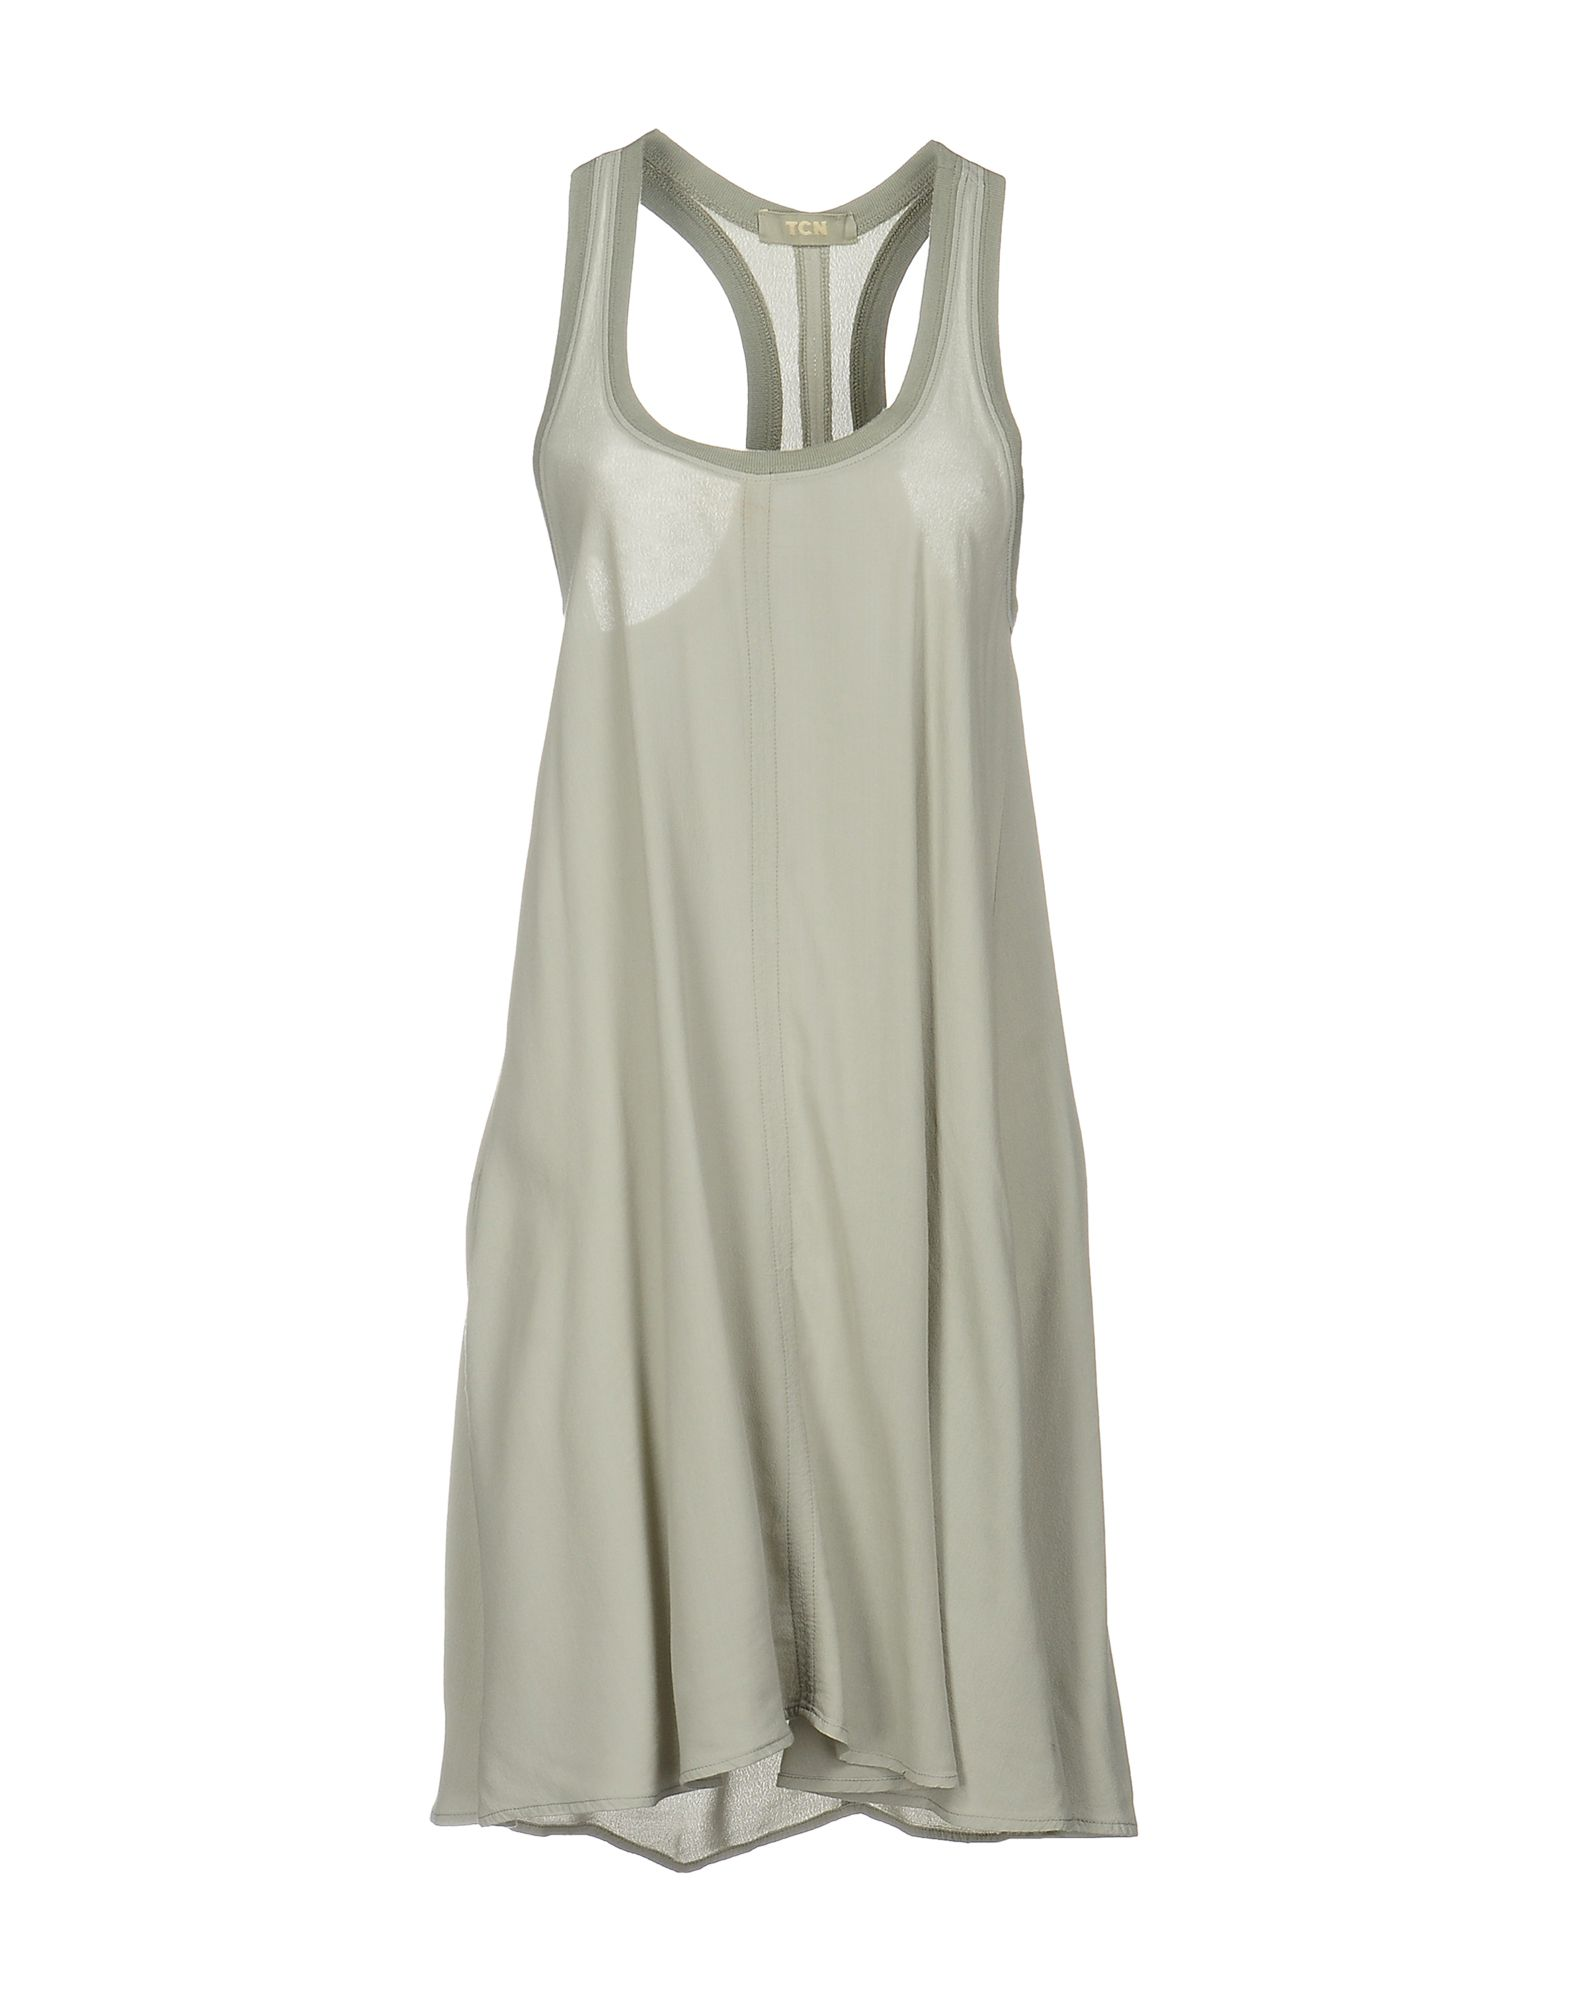 TOTON COMELLA - TCN Damen Kurzes Kleid Farbe Hellgrau Größe 5